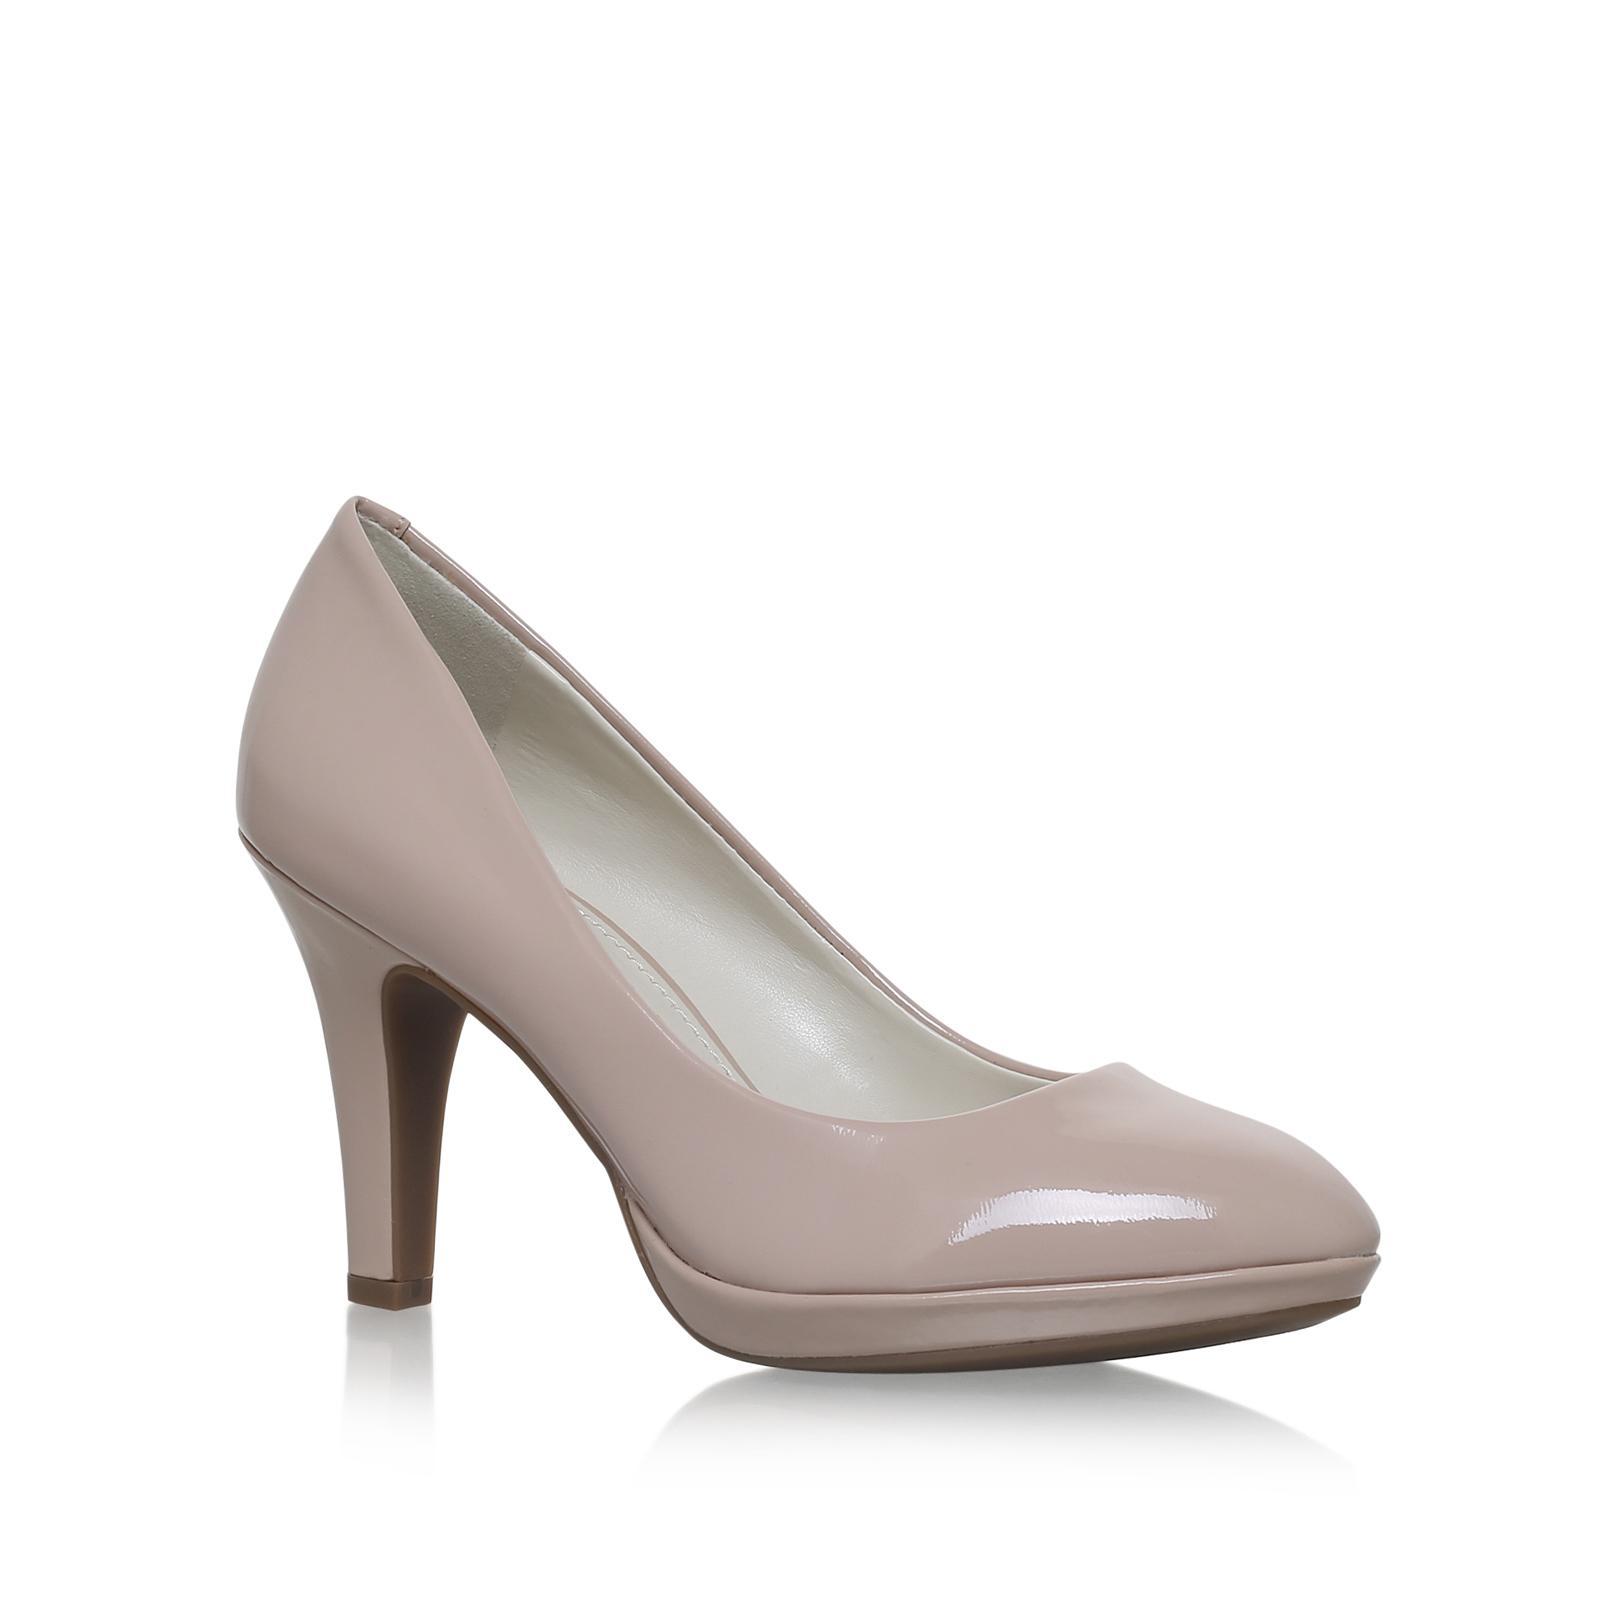 Anne Klein Shoes Iflex Uk